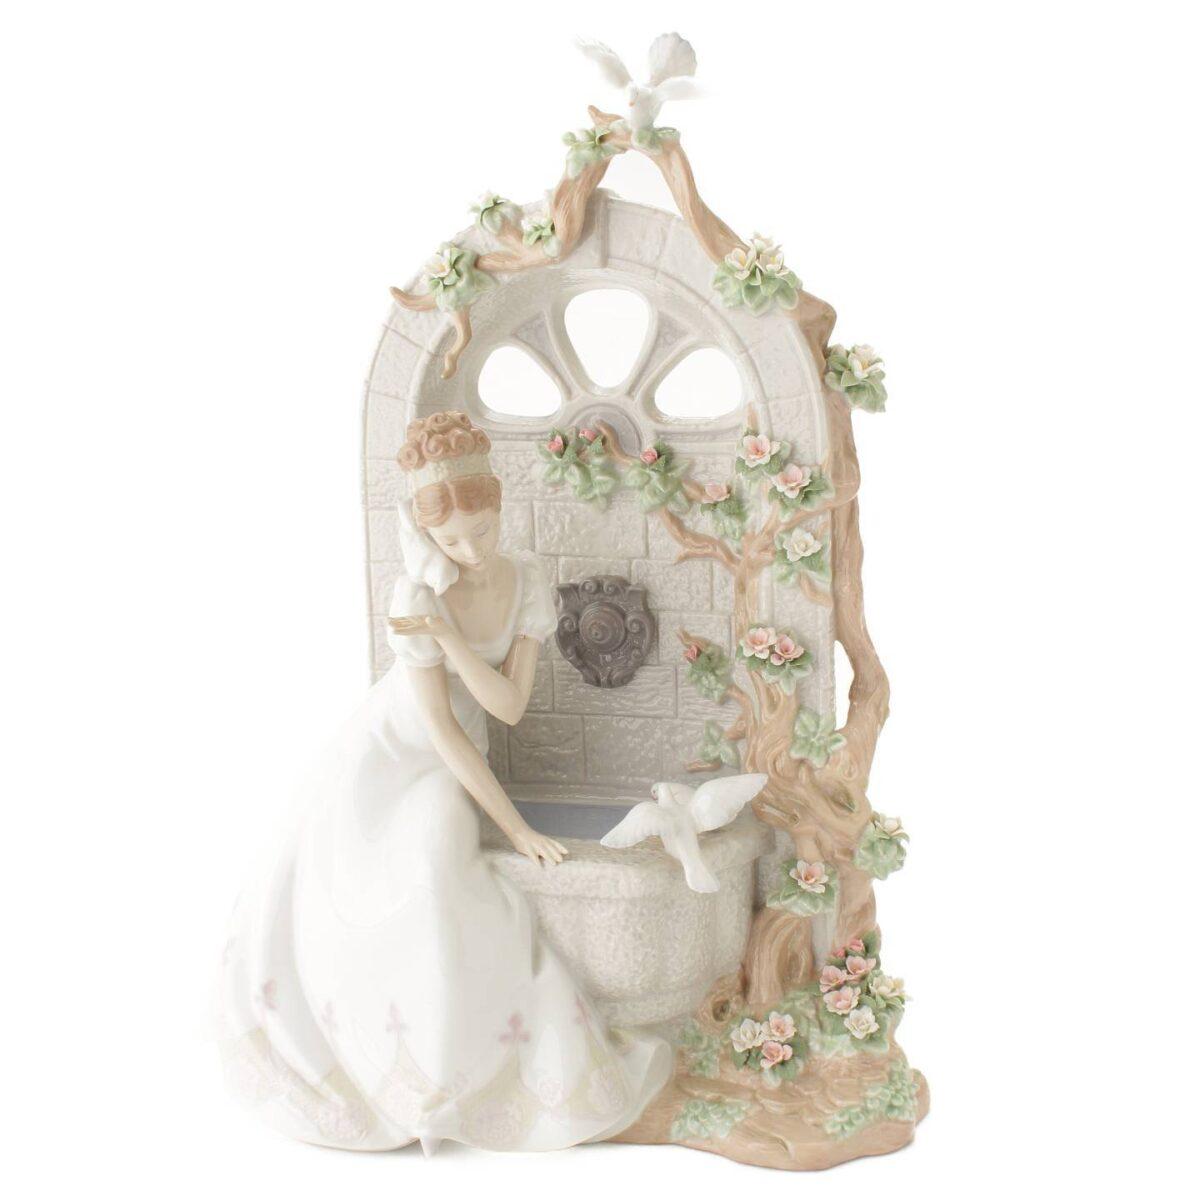 リヤドロ SPRING OF LOVE 愛のさえずり 2000体限定 陶器 置物 フィギュリン 1876